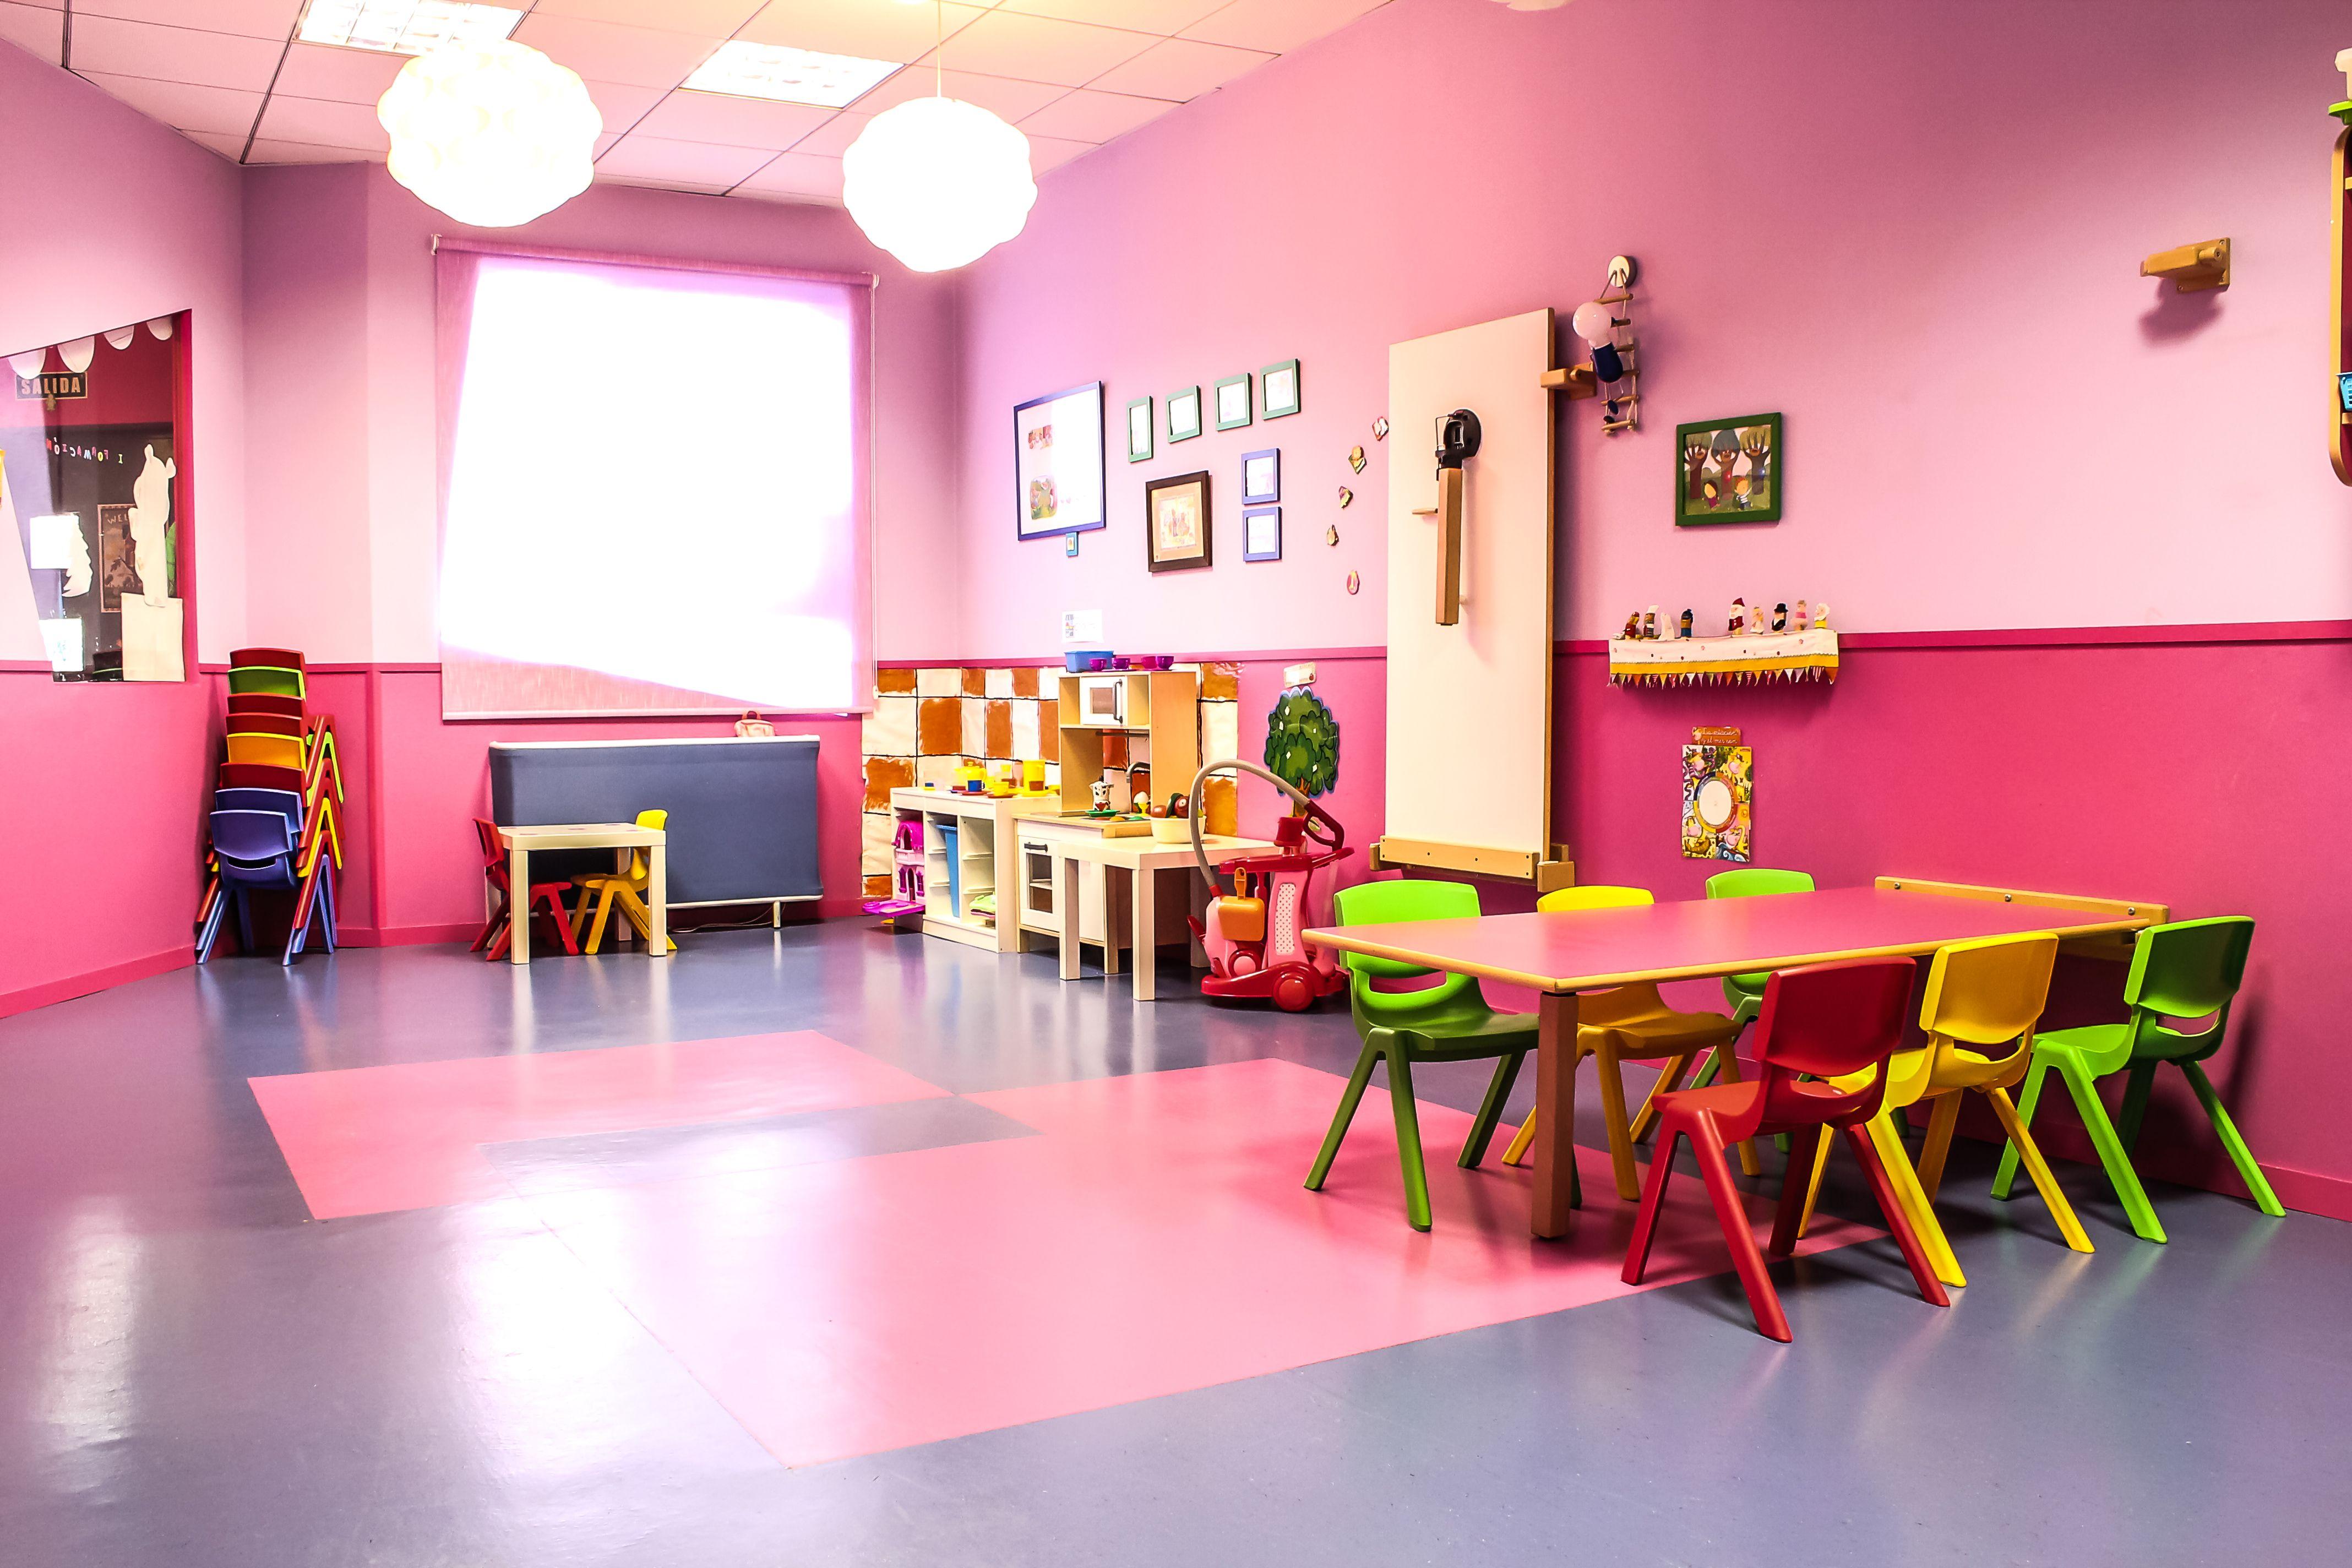 Foto 2 de Guarderías y Escuelas infantiles en Móstoles | ESCUELA INFANTIL OSO BABY